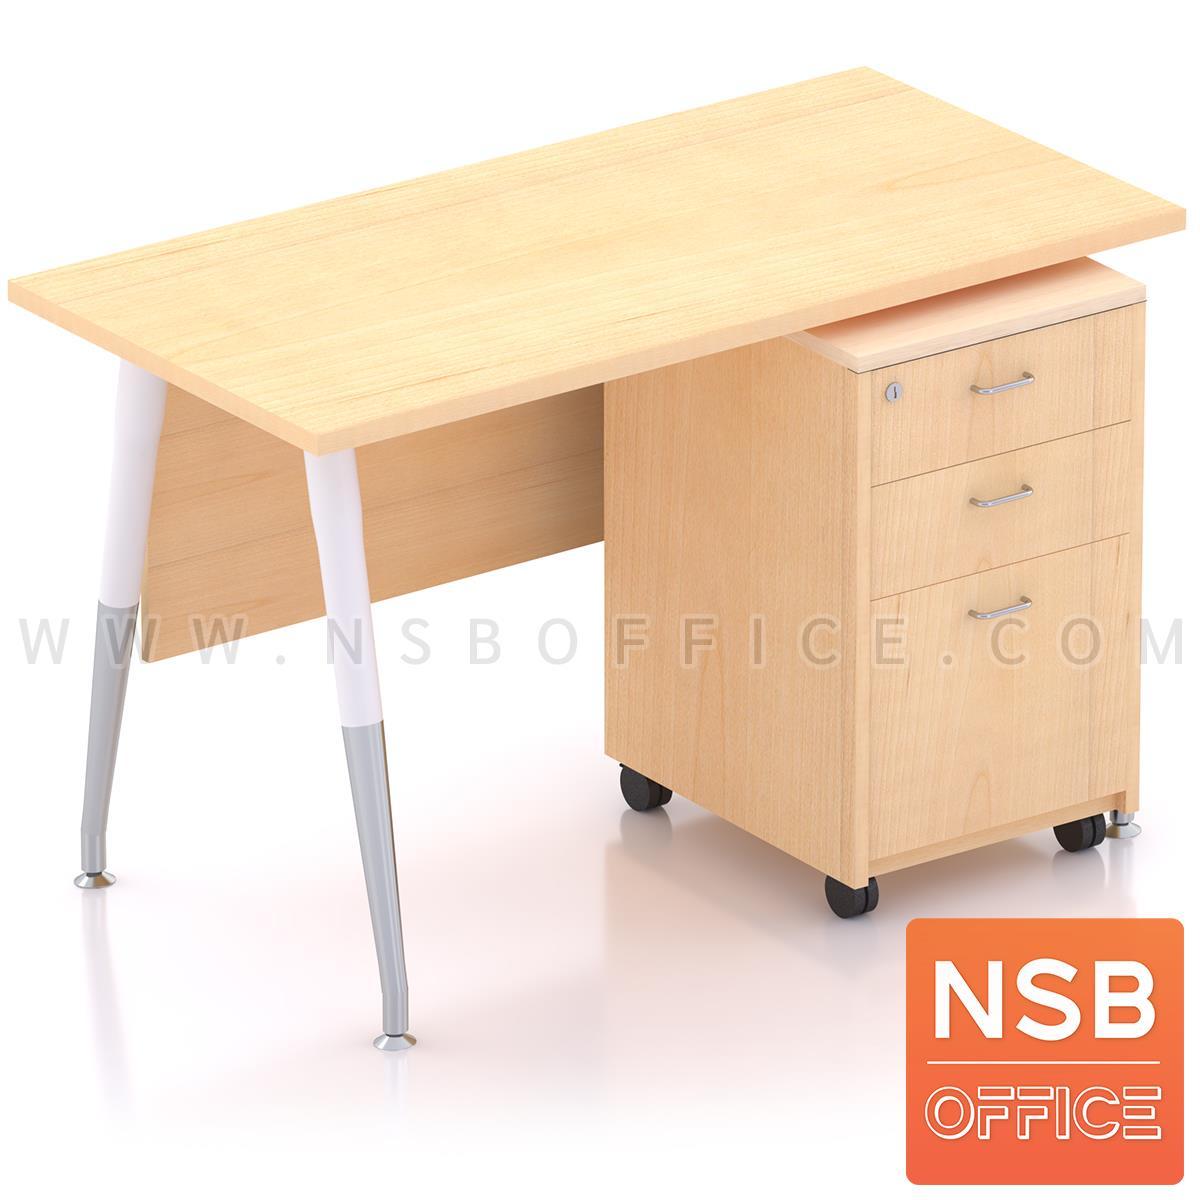 A39A002:โต๊ะทำงานพร้อมลิ้นชักไม้ล้อเลื่อน รุ่น Plantnery 1 (แพลนเนอรี่ 1) ขนาด 120W cm. มีบังตา ขาเหล็ก